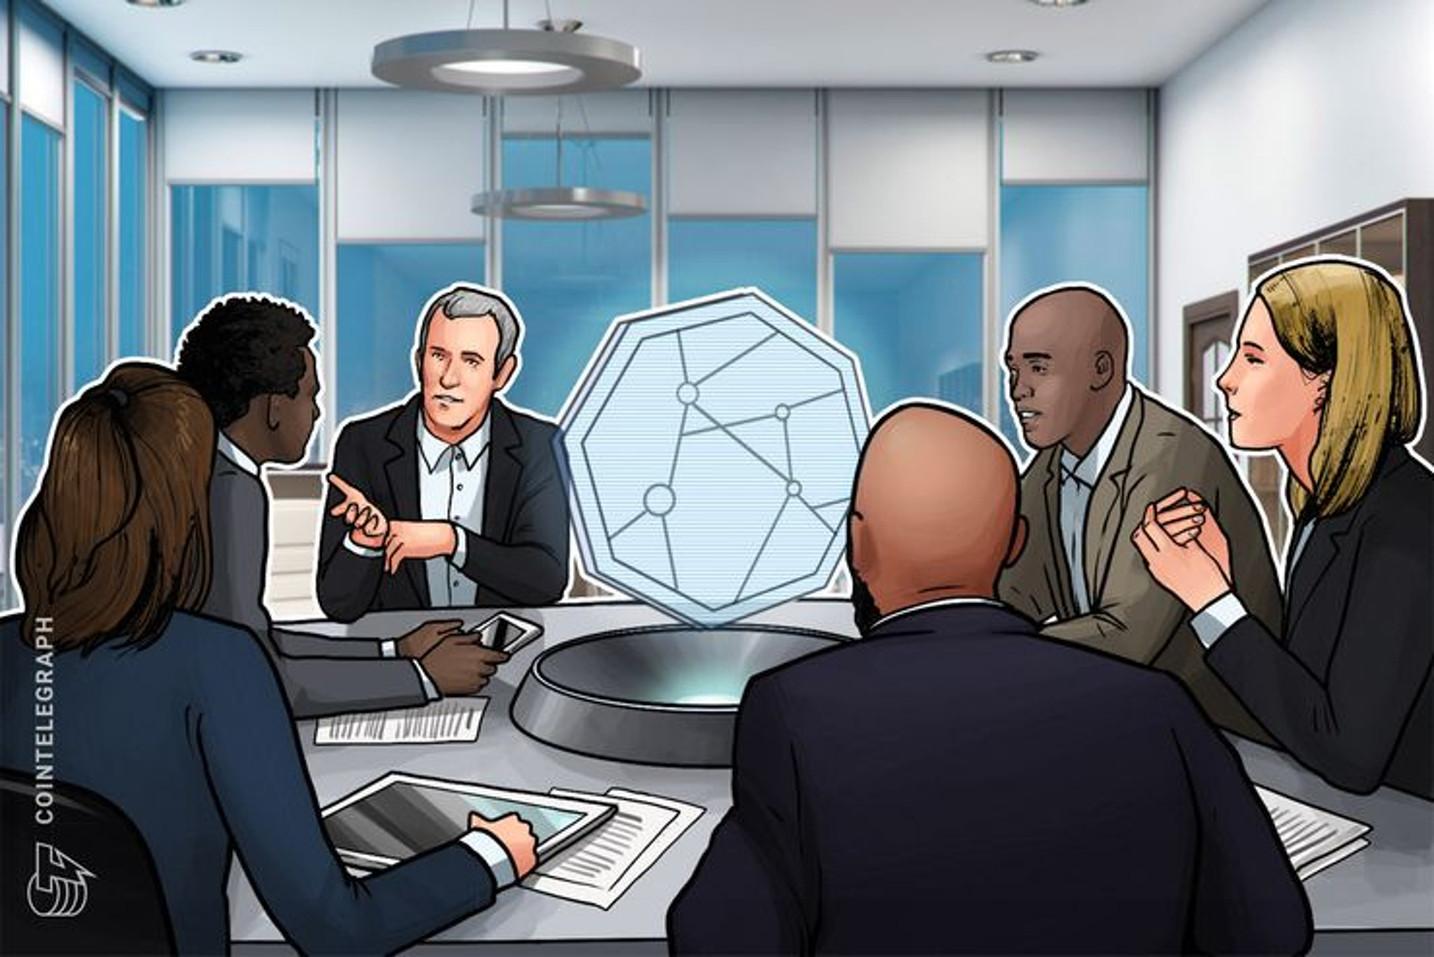 G20財務相会議で仮想通貨リブラの規制呼びかけへ